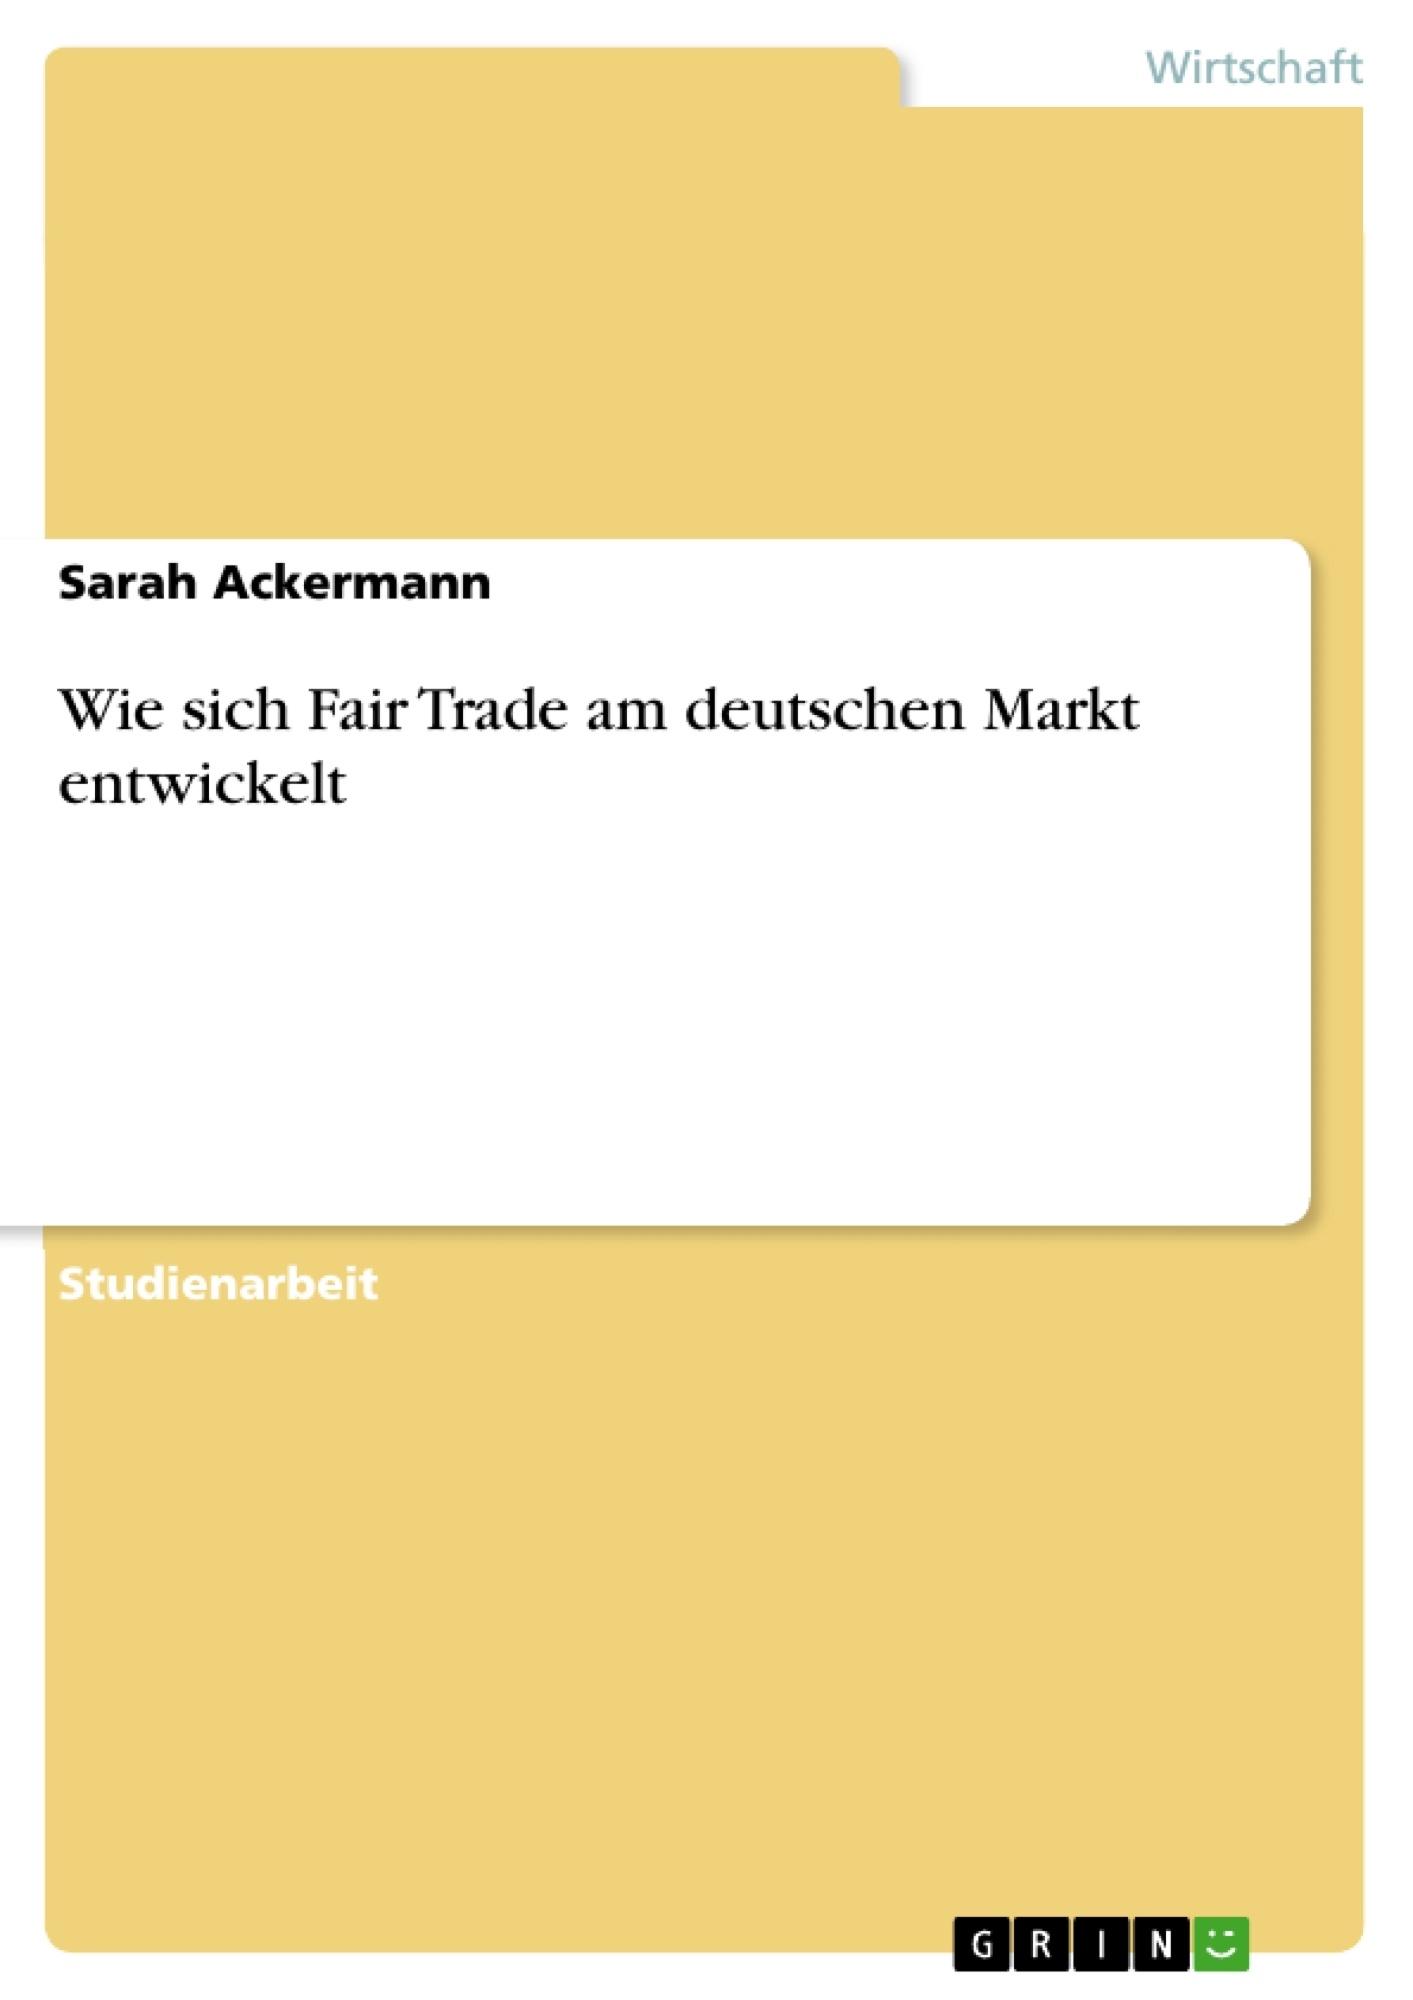 Titel: Wie sich Fair Trade am deutschen Markt entwickelt